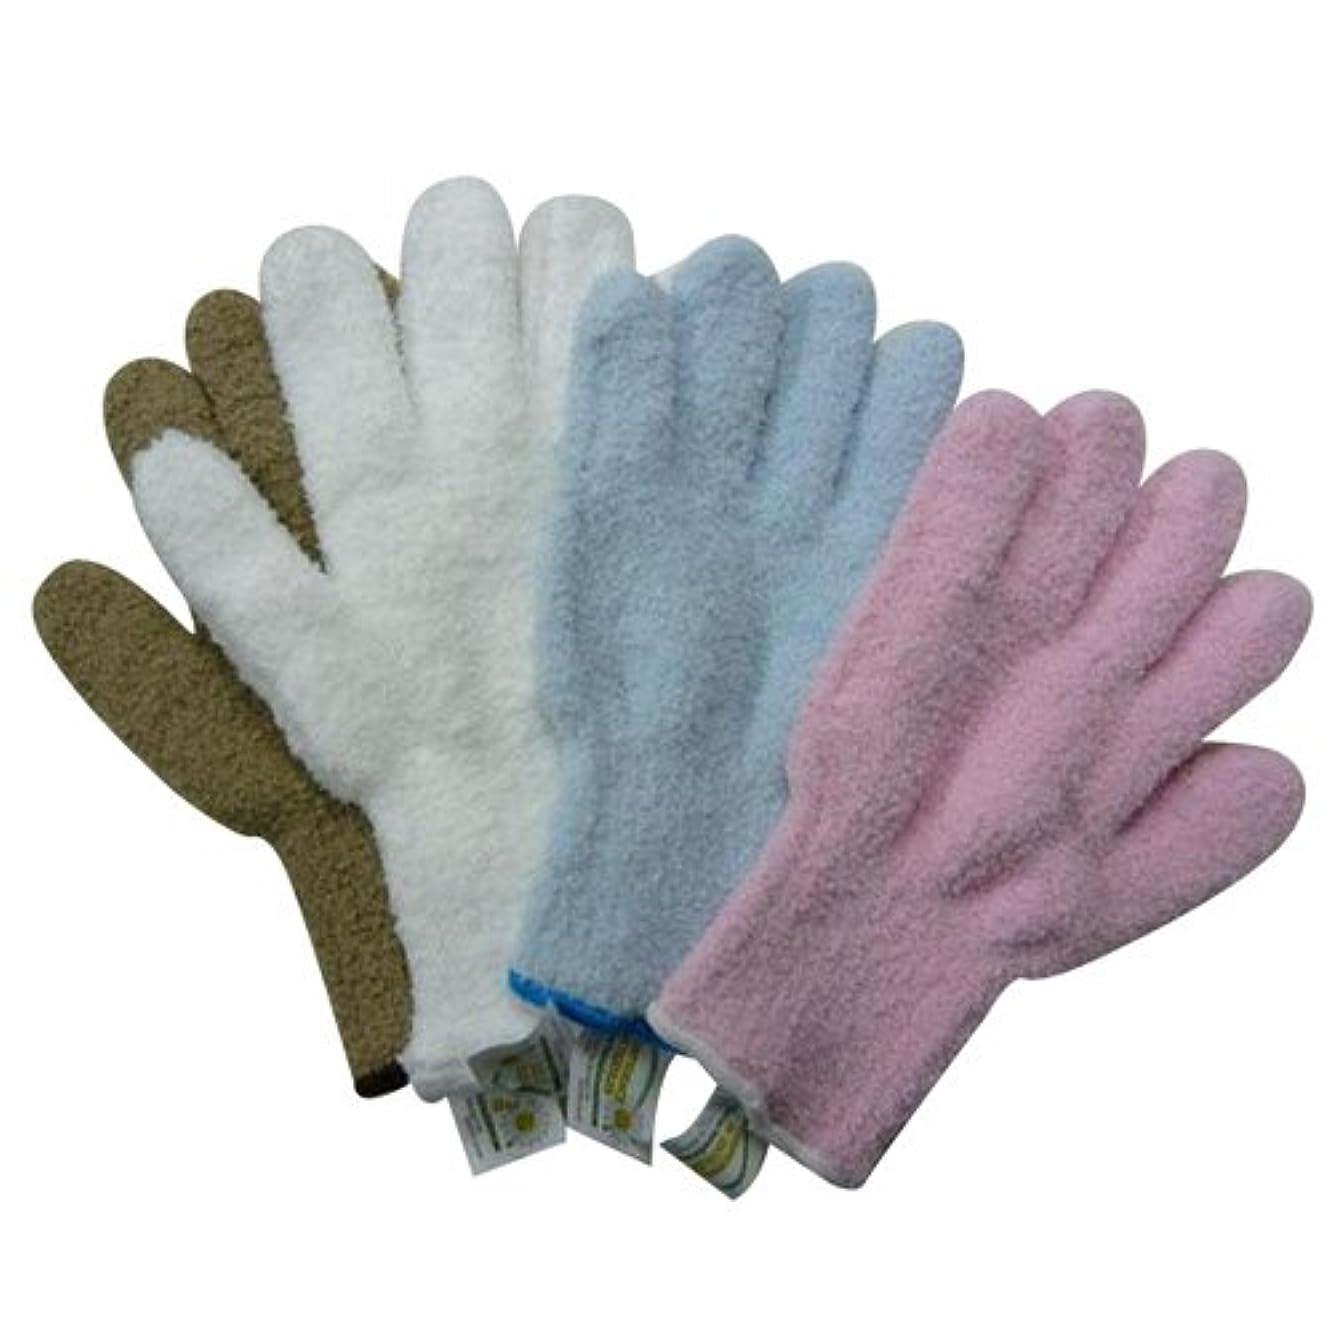 ウルトラ?マイクロファイバー手袋 エコテックスタグ付き×4色セット(KE702-WH?SB?BE?PK) 5007an